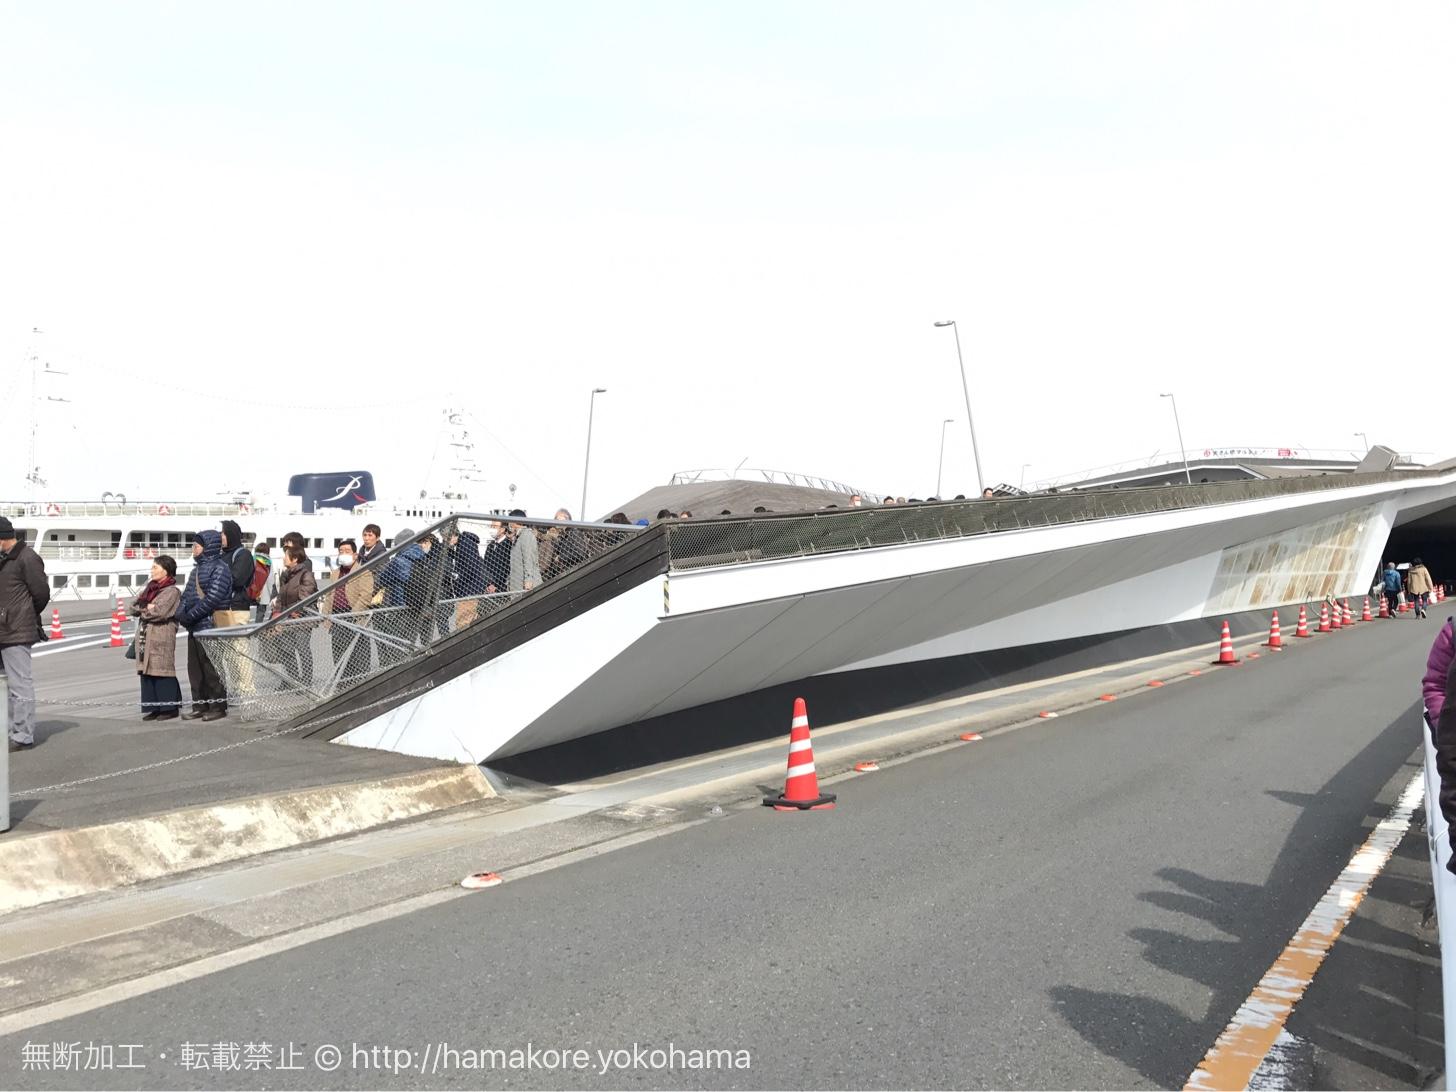 大さん橋マルシェ 開場前にできた行列